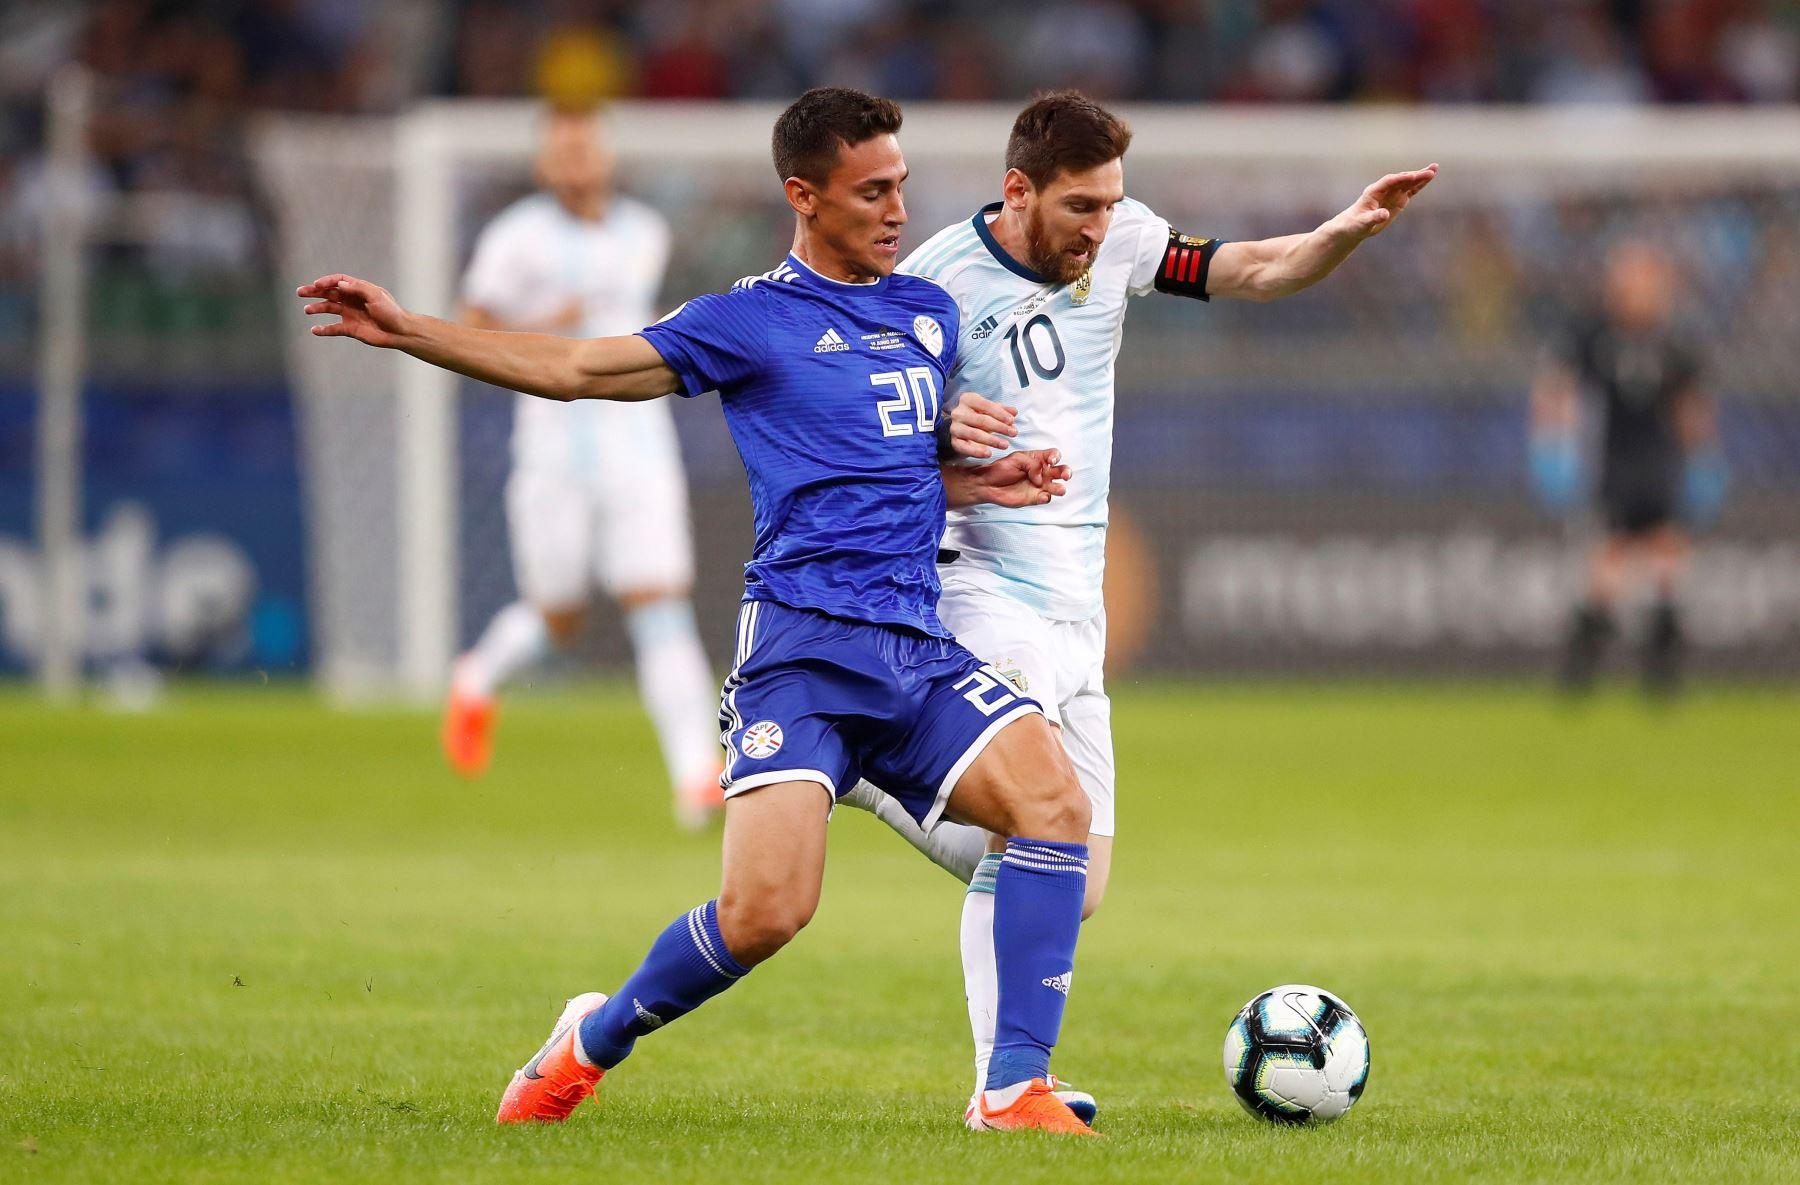 El jugador de Argentina Lionel Messi (d) disputa el balón con Matías Rojas de Paraguay durante el partido Argentina-Paraguay del Grupo B de la Copa América de Fútbol 2019. Foto: AFP